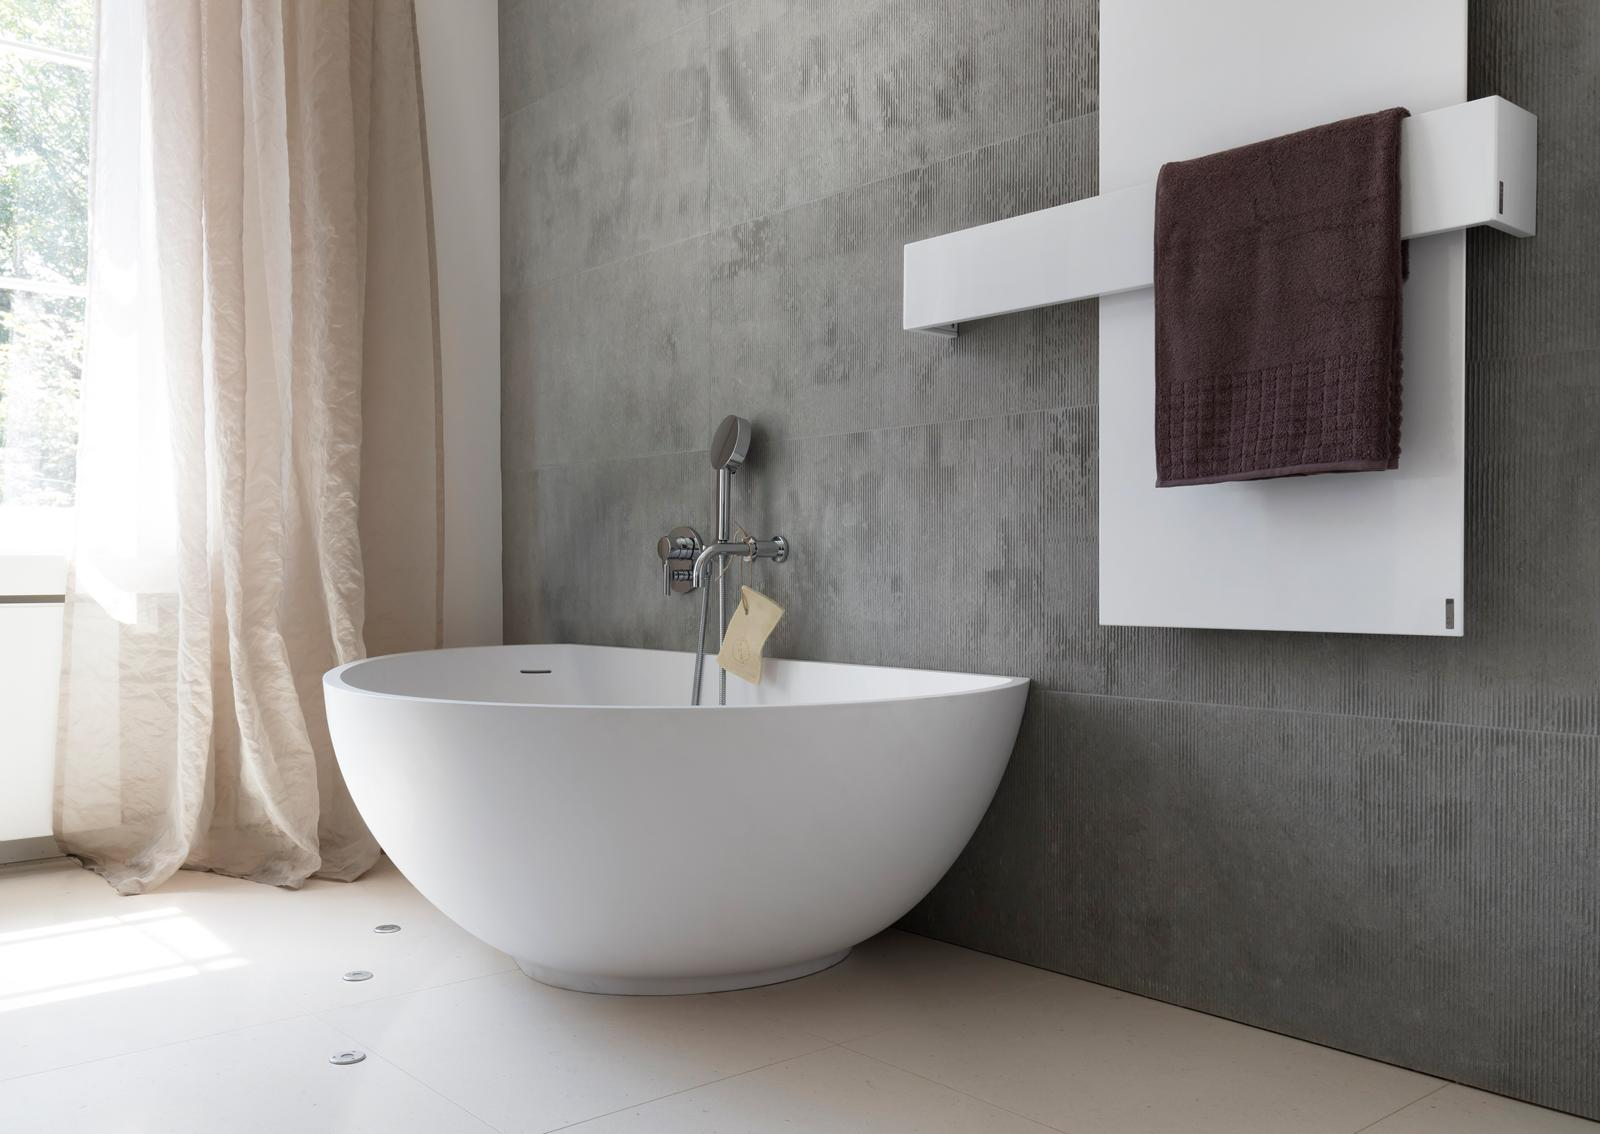 Unsere Badexperten Kümmern Sich Um Alle Schritte Von Der Ersten Idee Bis  Zur Fertigen Ausführung U2013 Und Um Die Gestaltung Ihres Neuen Badezimmers.